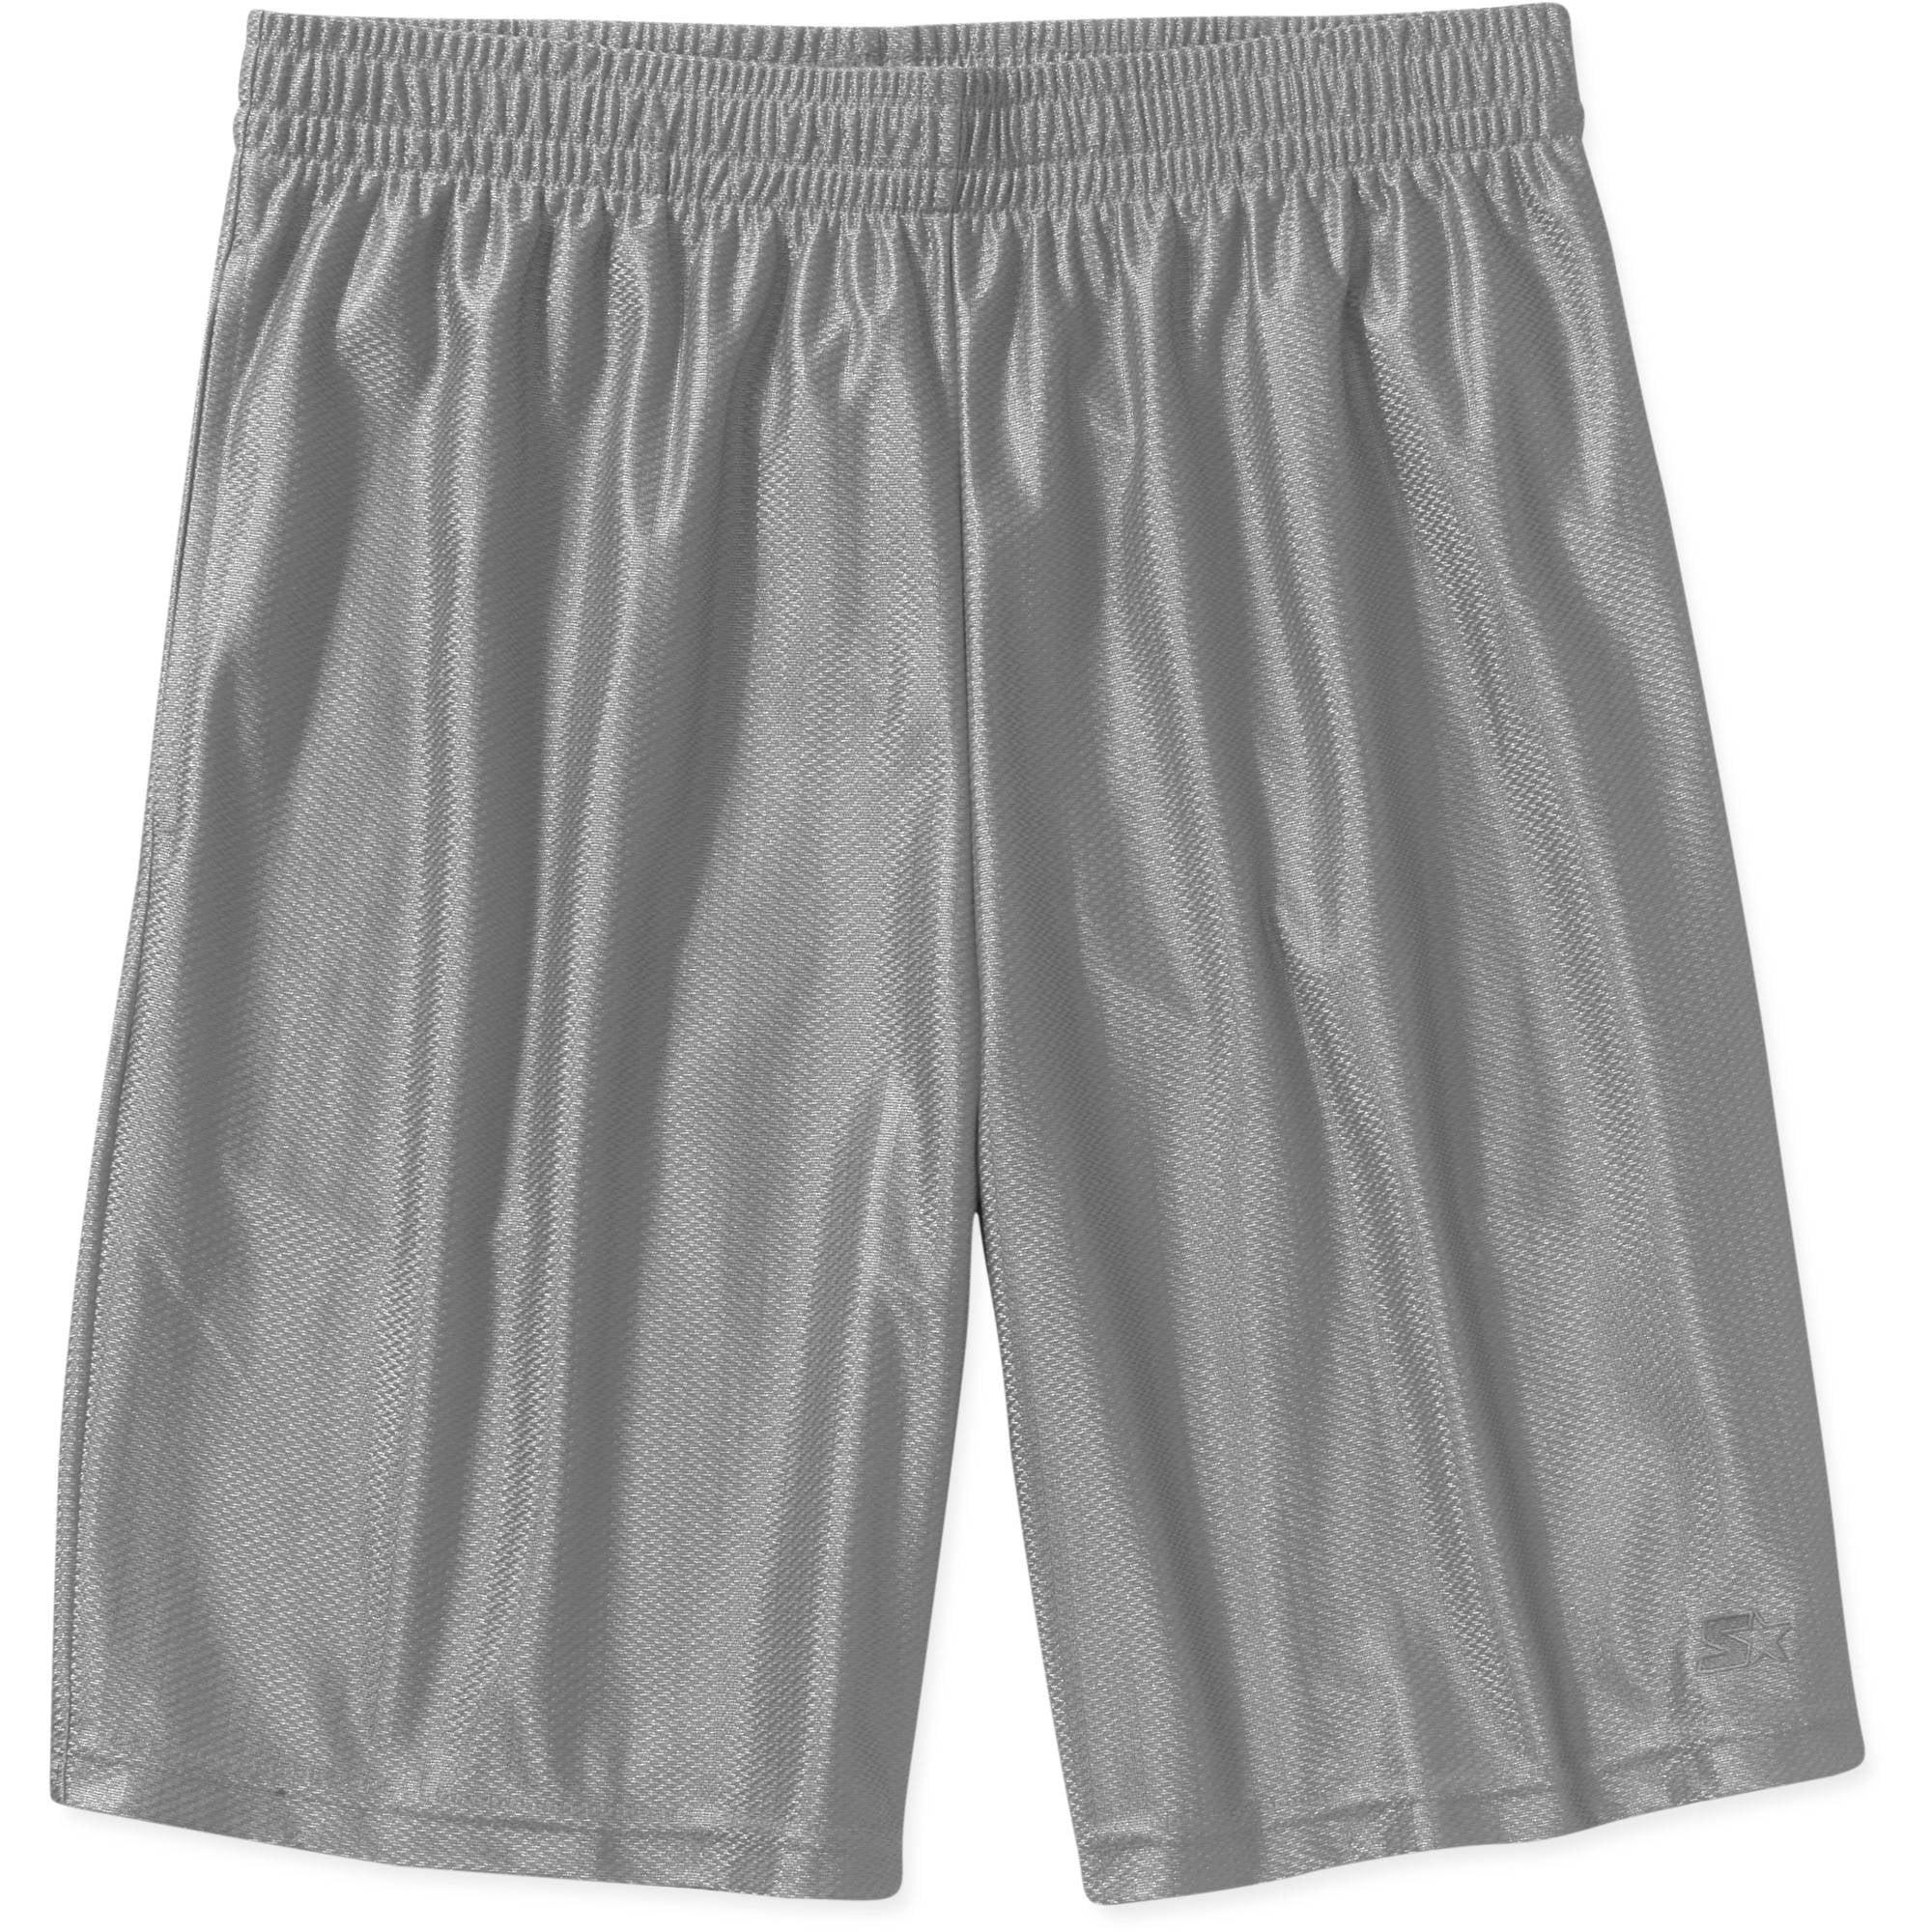 Big Men's Dazzle Shorts - Walmart.com